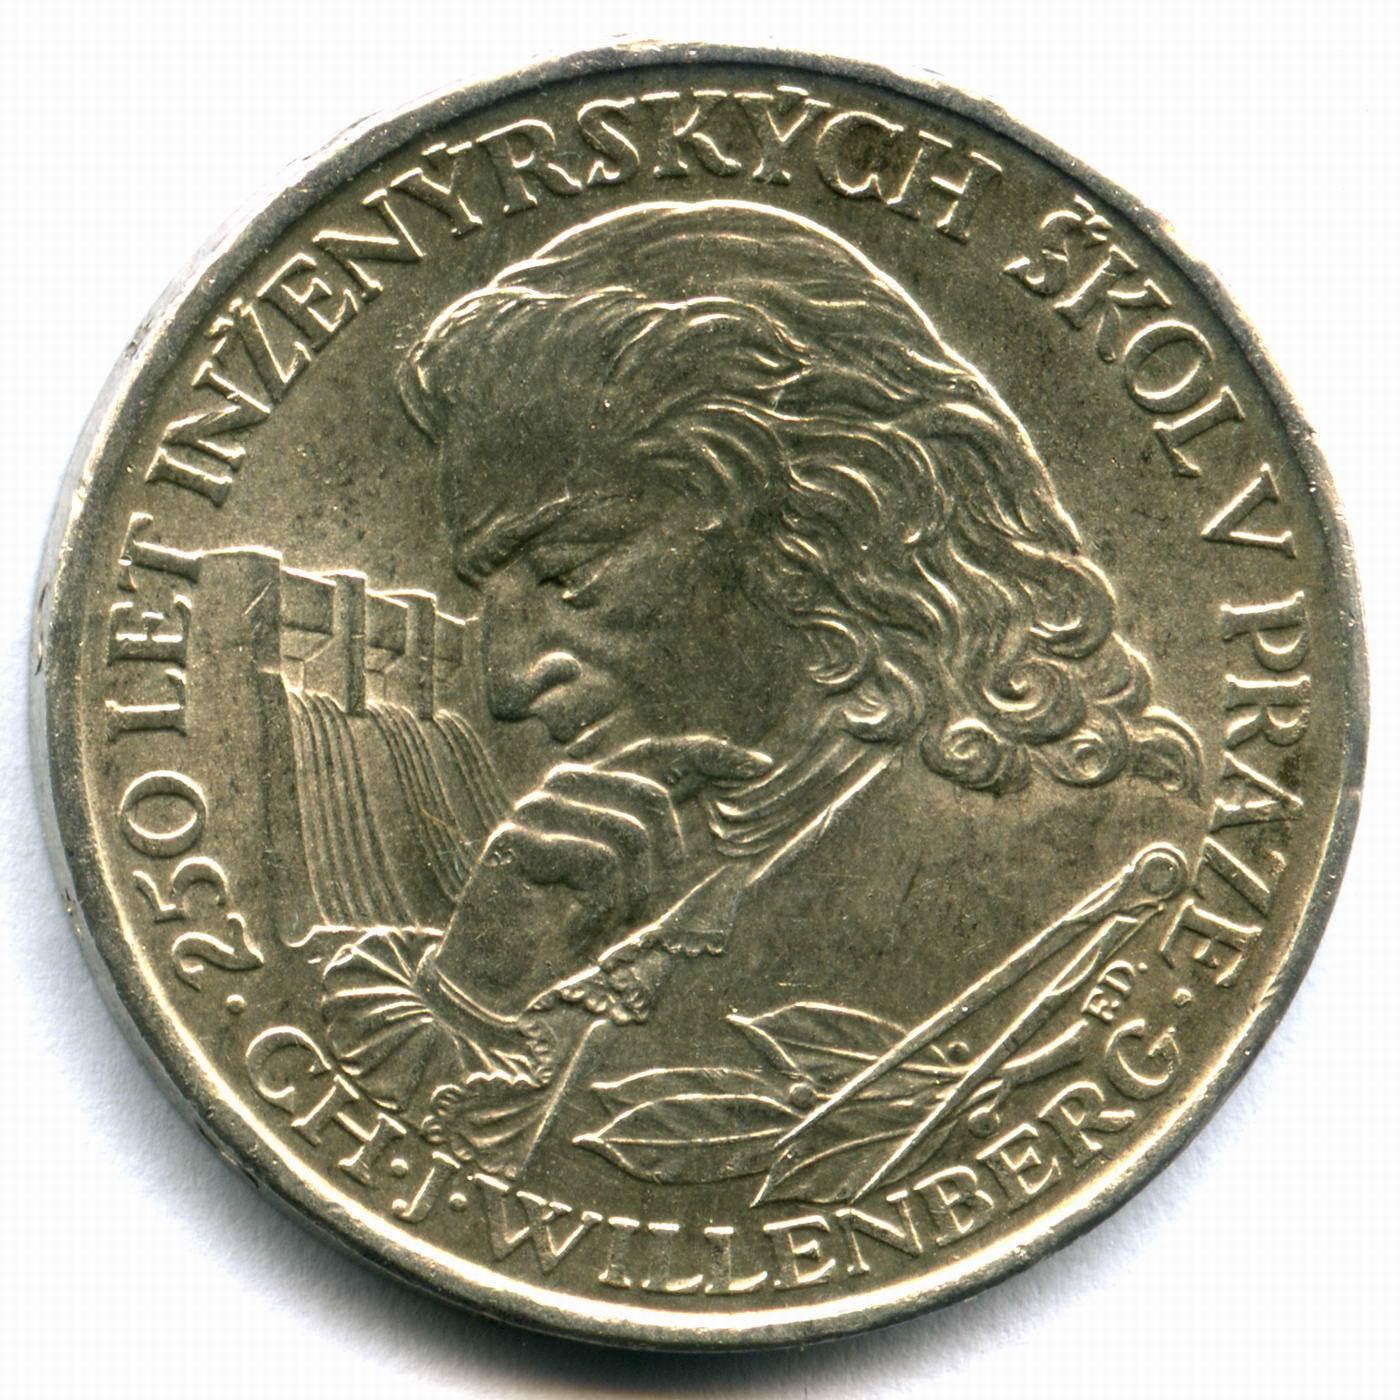 """10 крон 1957. Чехословакия """"250 лет Пражской инженерной школы - техническому университету"""" XF"""